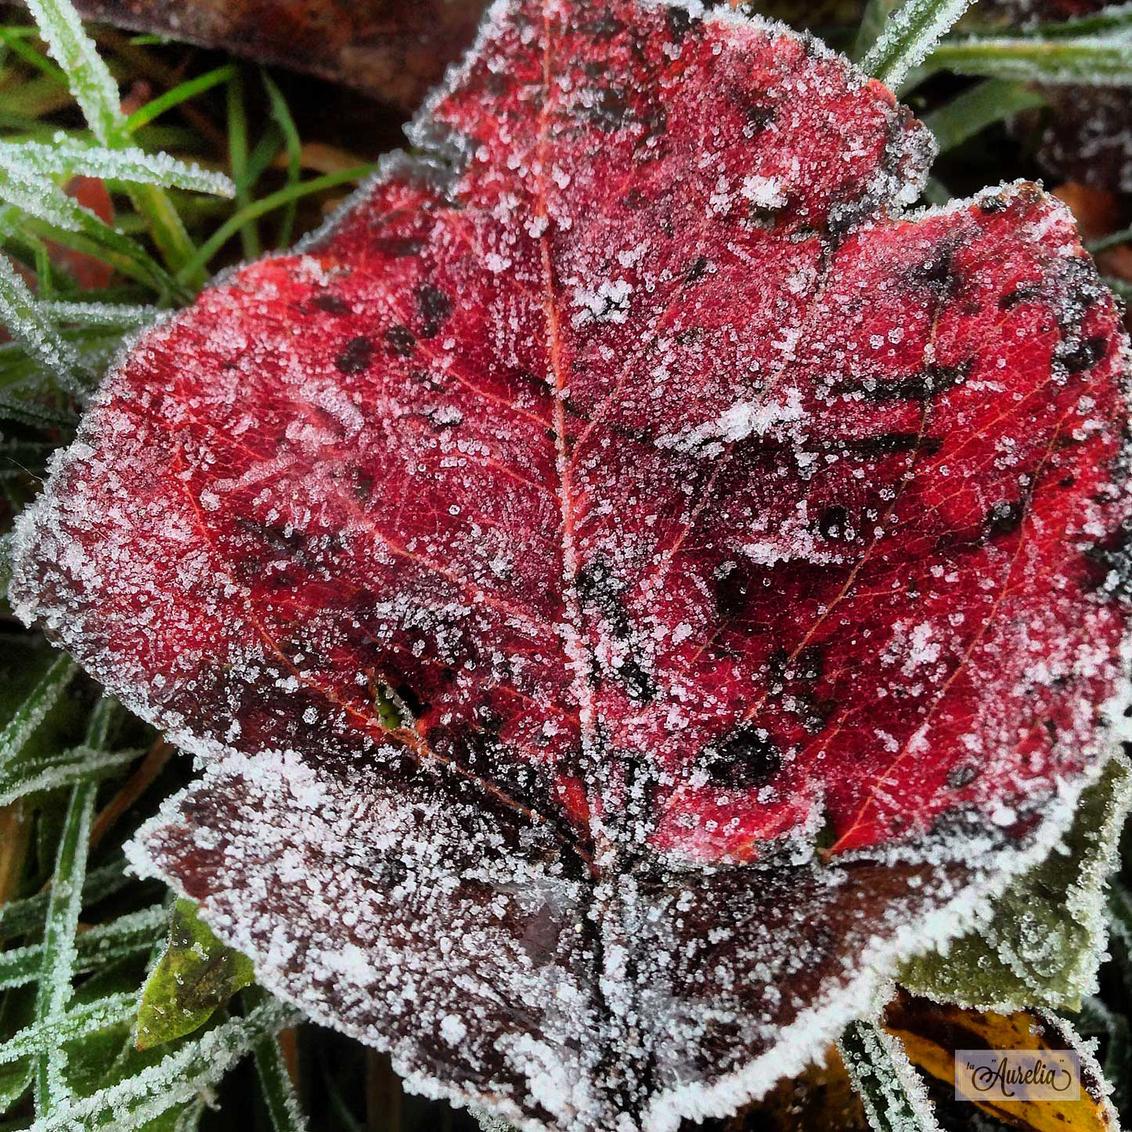 Ladybug - Dat bladeren groen, geel, rood en bruin  kunnen zijn, is afgelopen herfst nog eens  goed bewezen! Maar dat ze door kleur  en vorm op een dier lijk - foto door Aurelia Ebbe op 23-12-2013 - deze foto bevat: bladeren, rijp, winter, blad, koud, vorst, flevoland, kou, almere, aurelia, herfstblad, december, winters, iphone, laaurelia, beeldblog, la aurelia